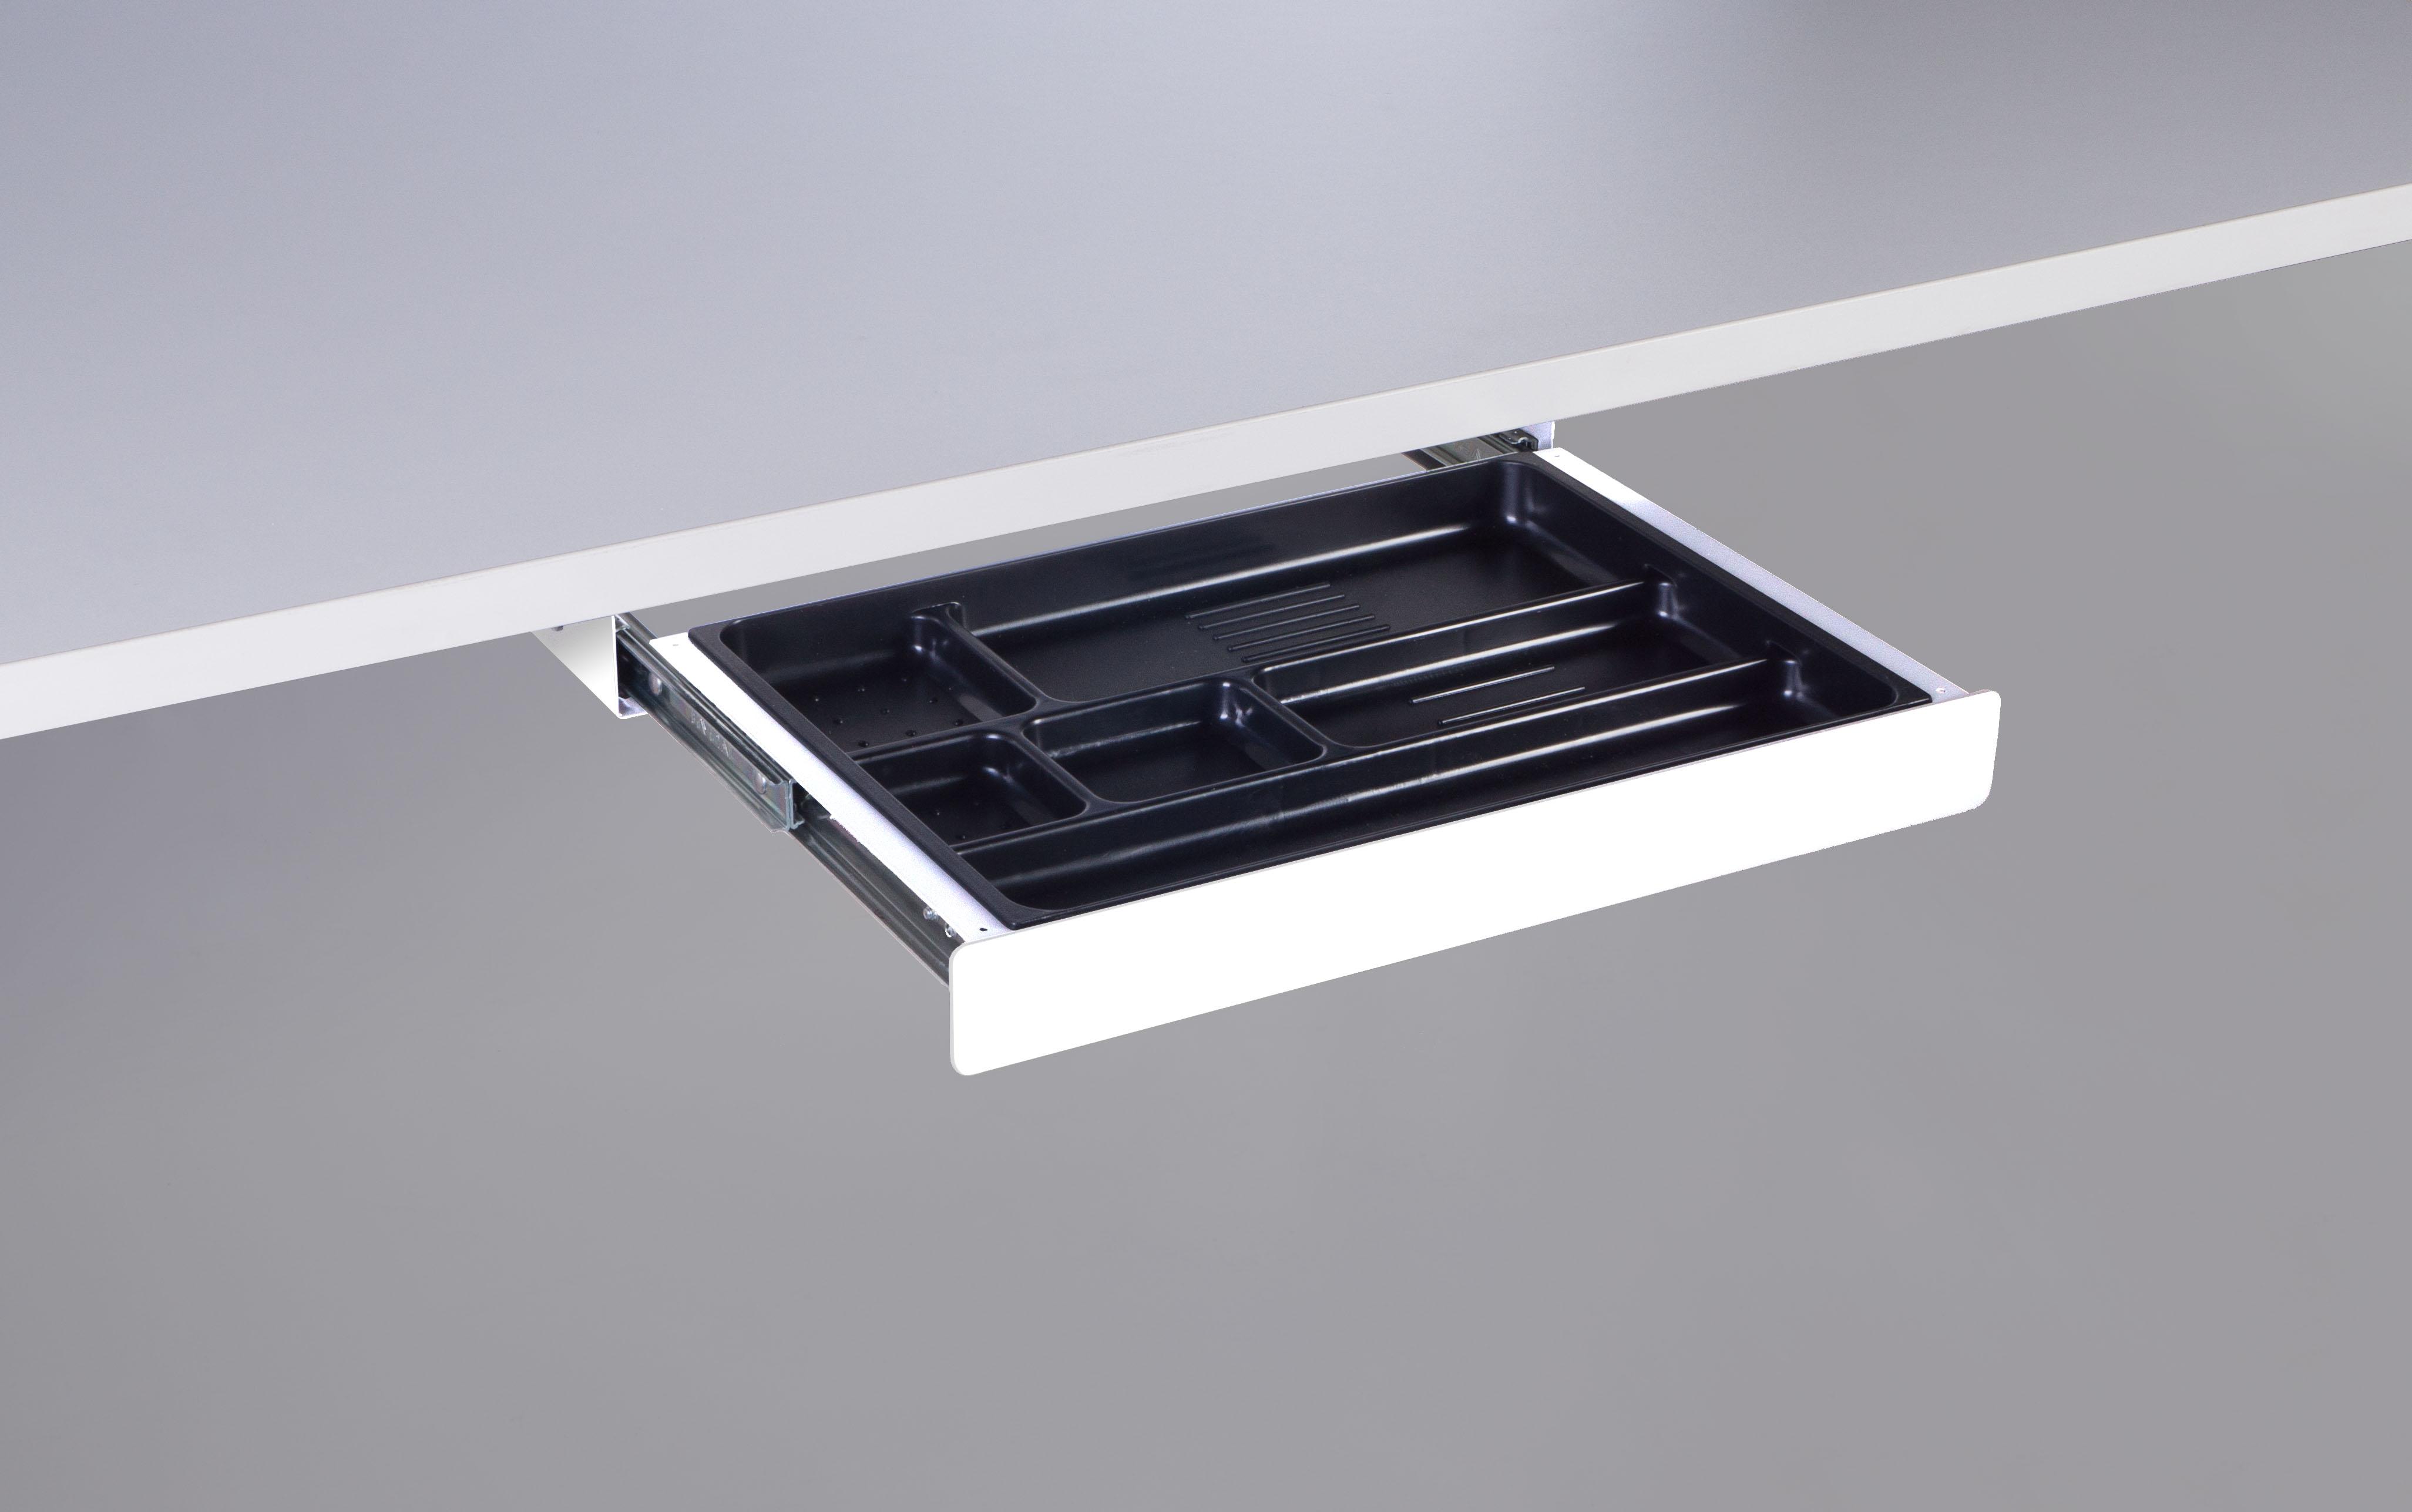 Desking-Adjustable-IMAGE 16